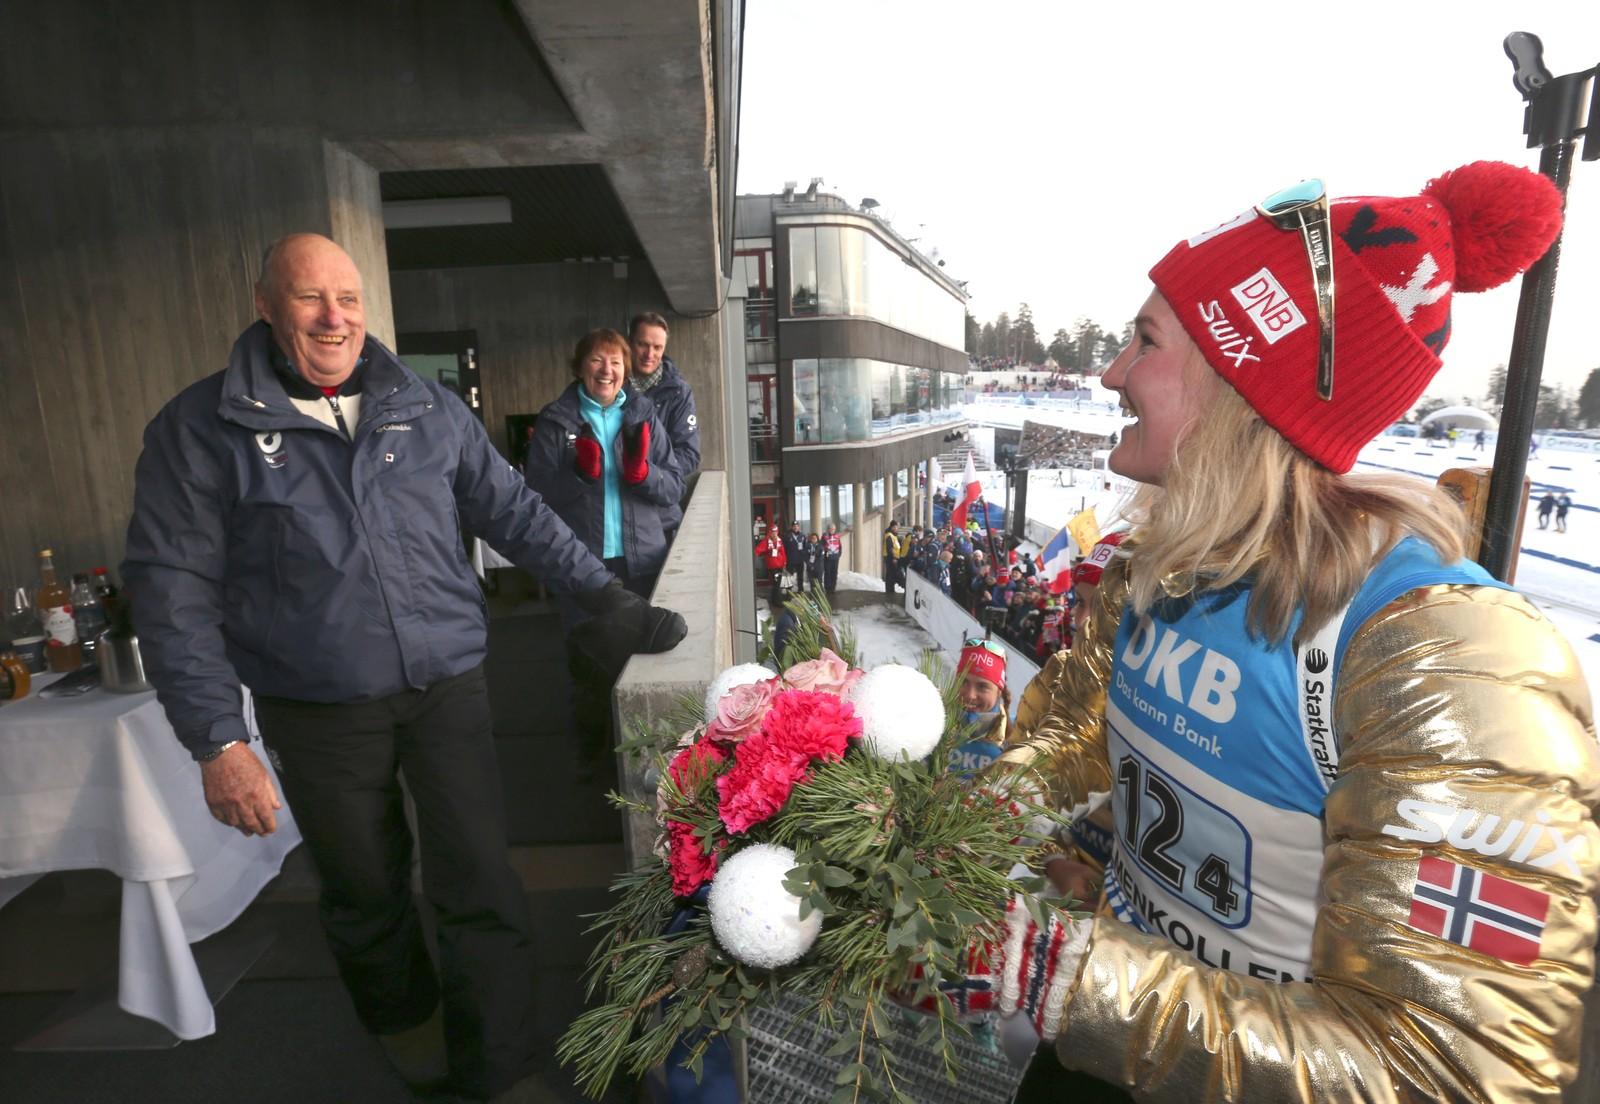 Stafett kvinner VM i skiskyting i Holmenkollen fredag. Kong Harald hilser på Marte Olsbu.